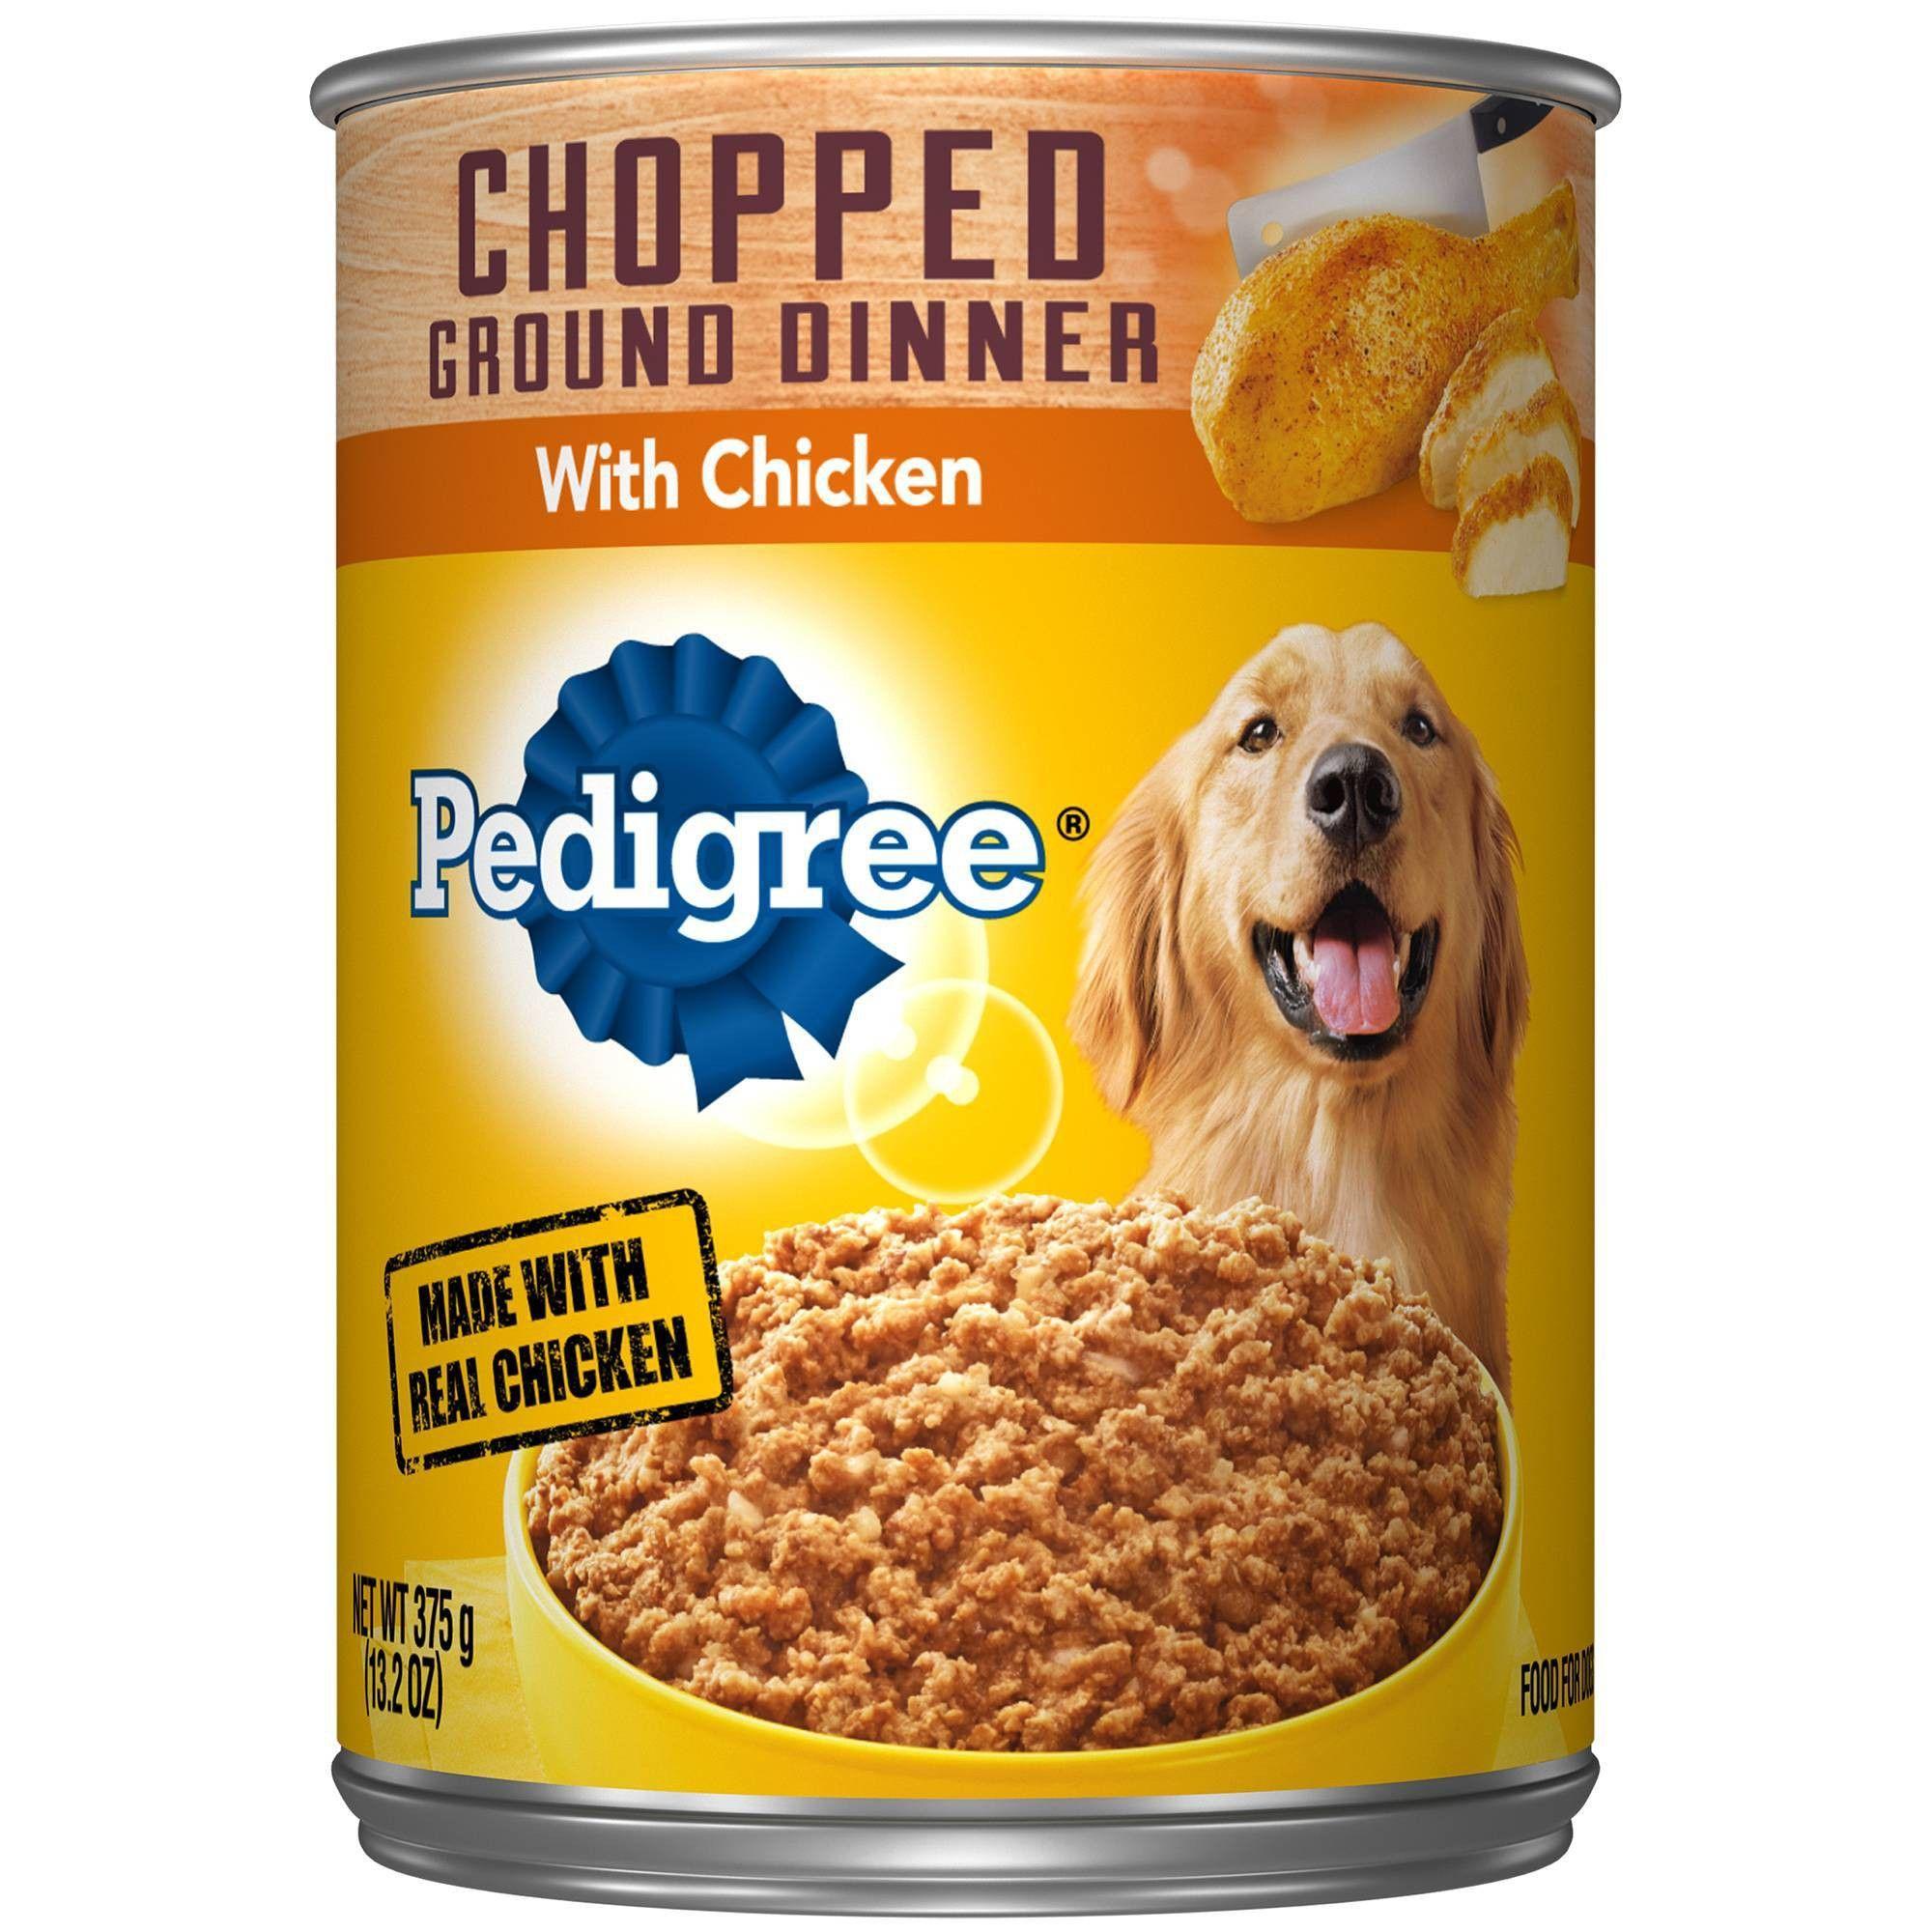 Pedigree Ground Chicken Wet Dog Food 13 2oz In 2019 Products